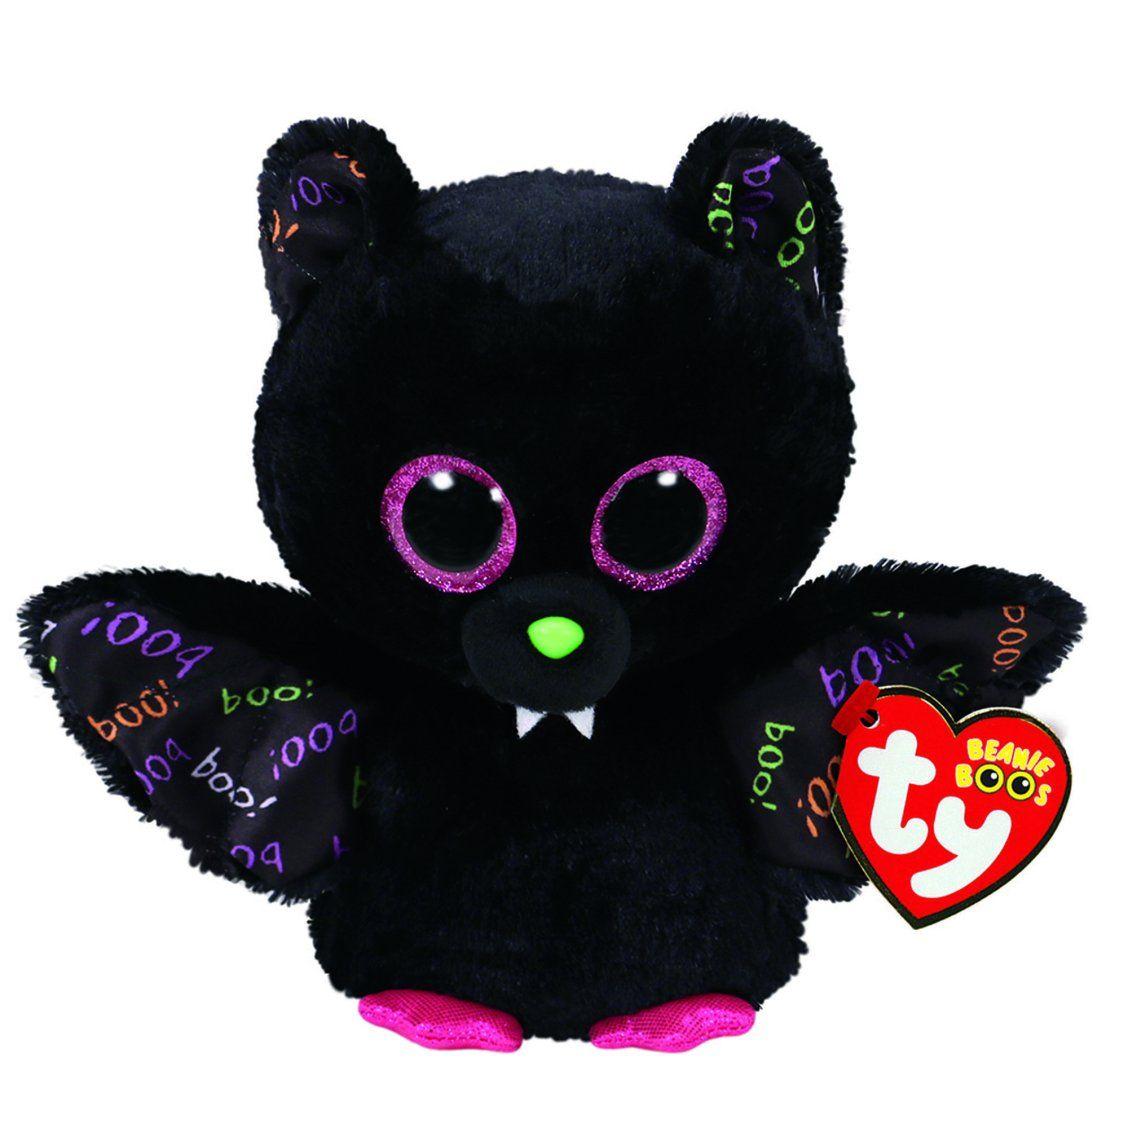 TY Beanie Boos Bat Plush Toy   Boo plush, Halloween beanie boos, Plush  animals